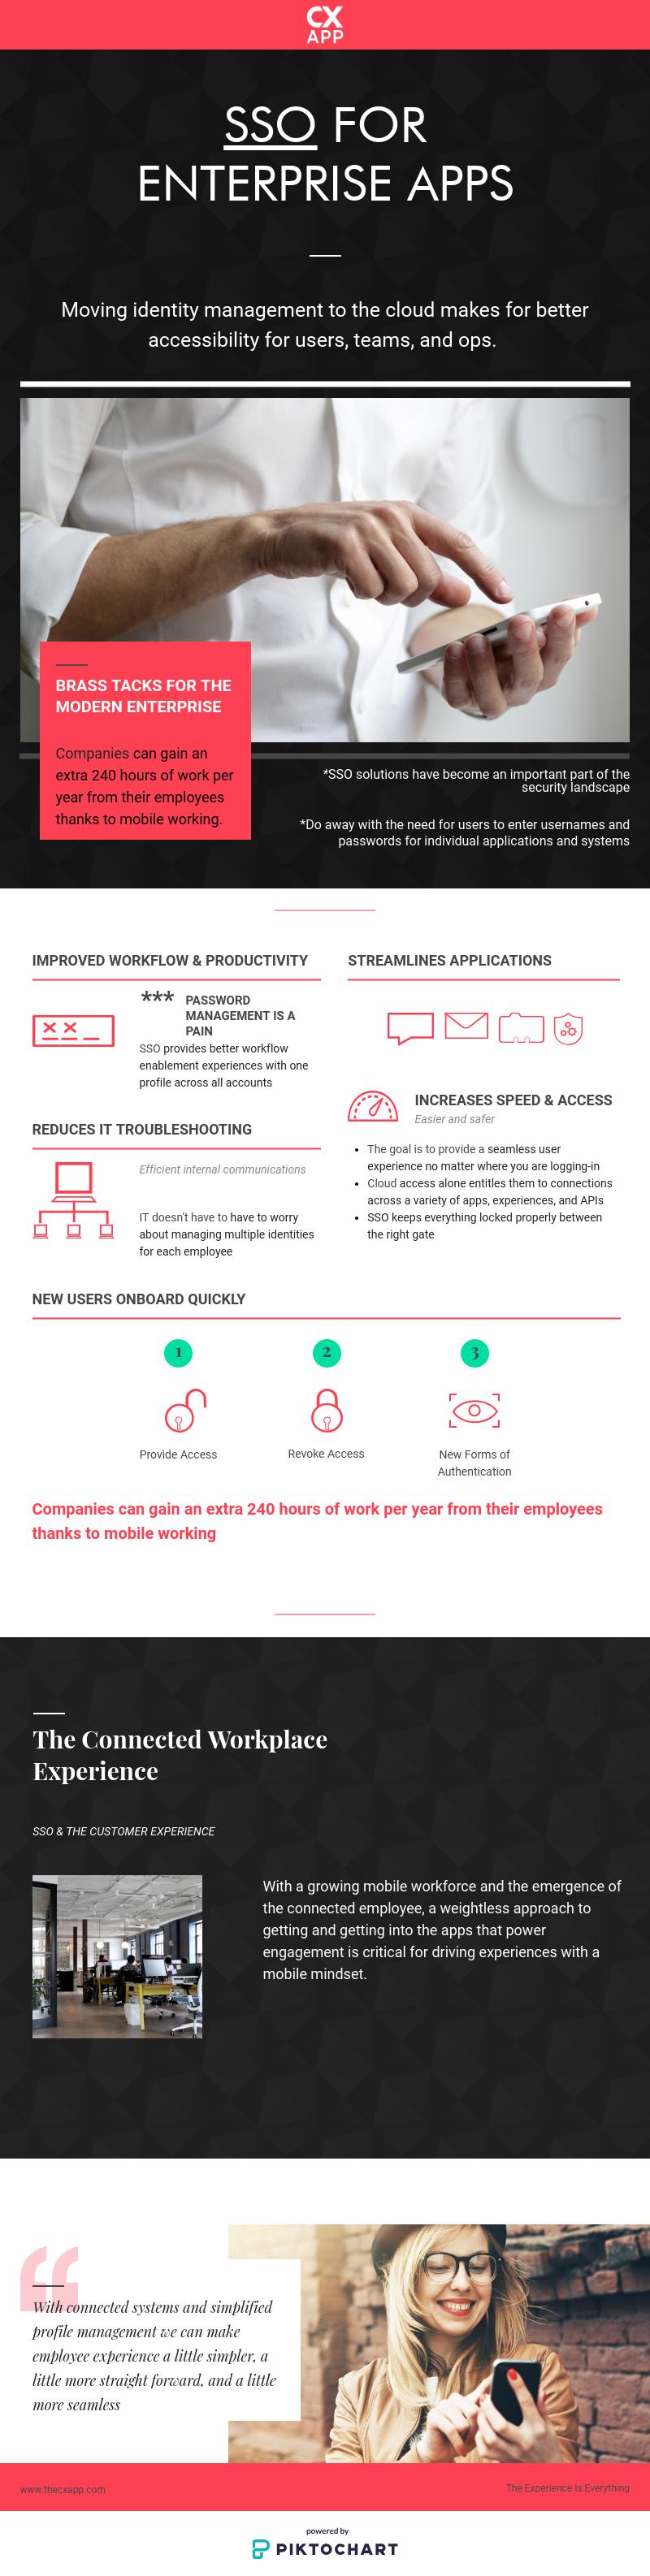 SSO Enterprise Apps